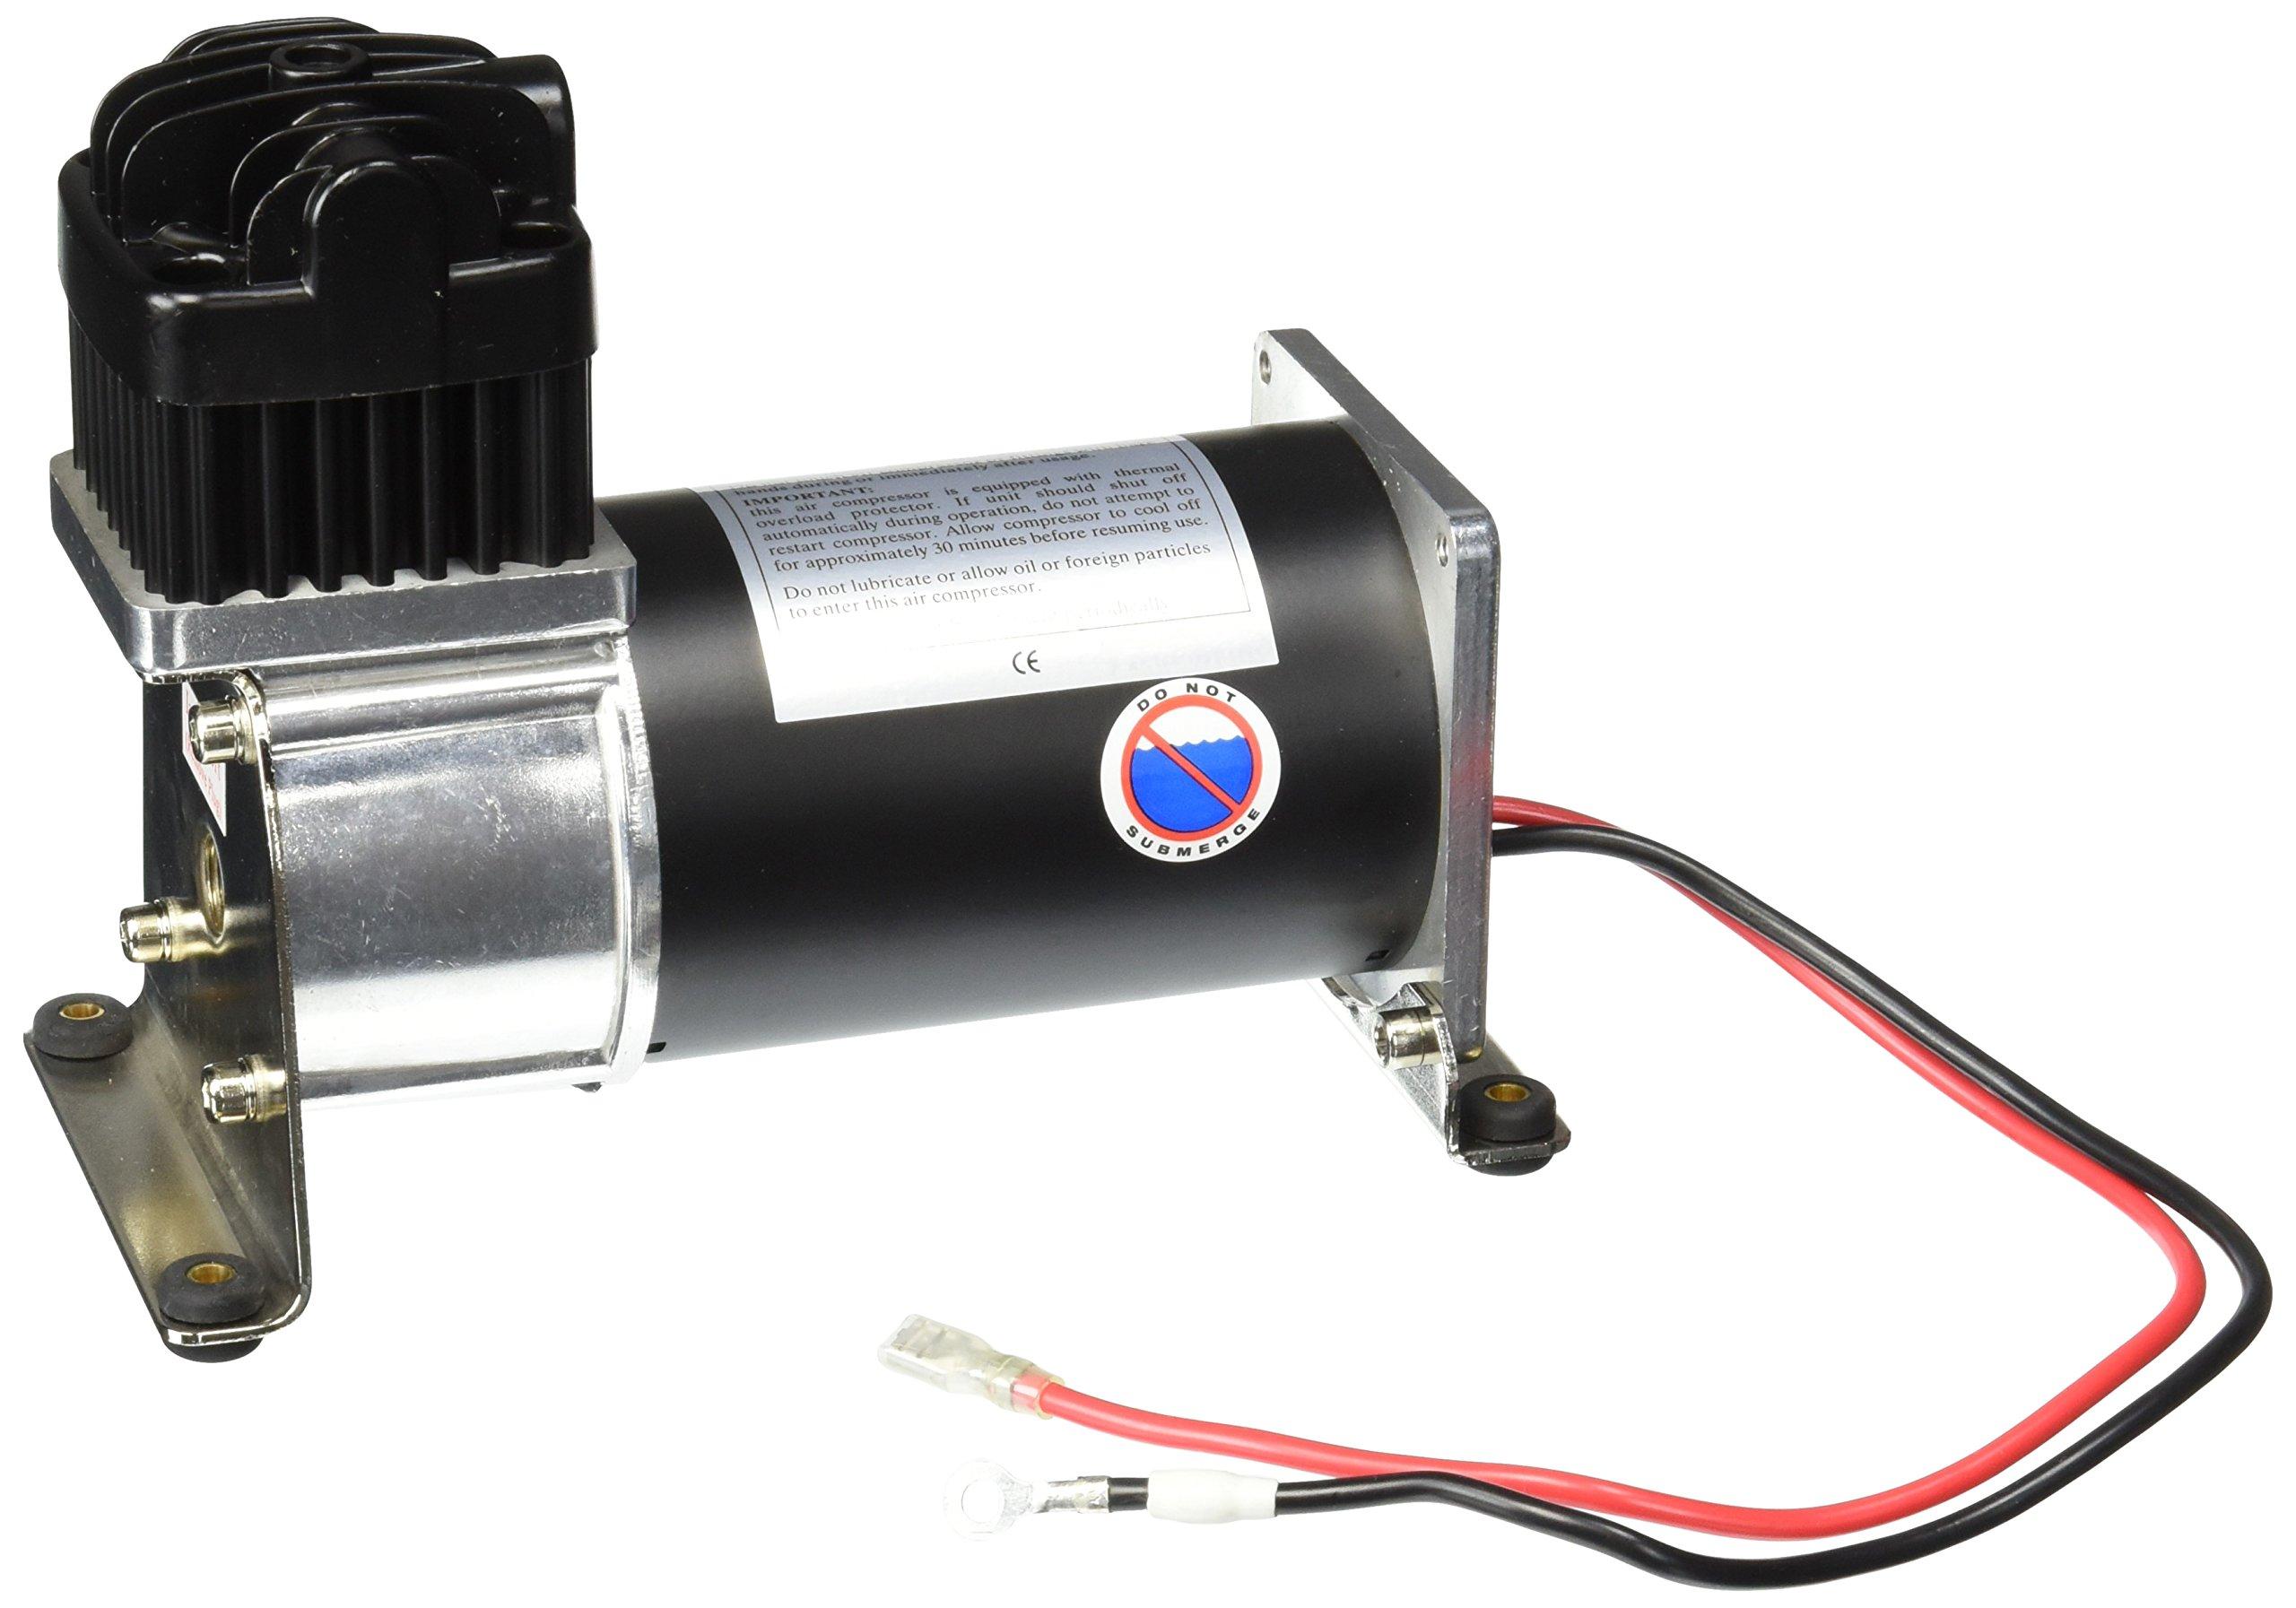 Firestone 9285 Air Compressor